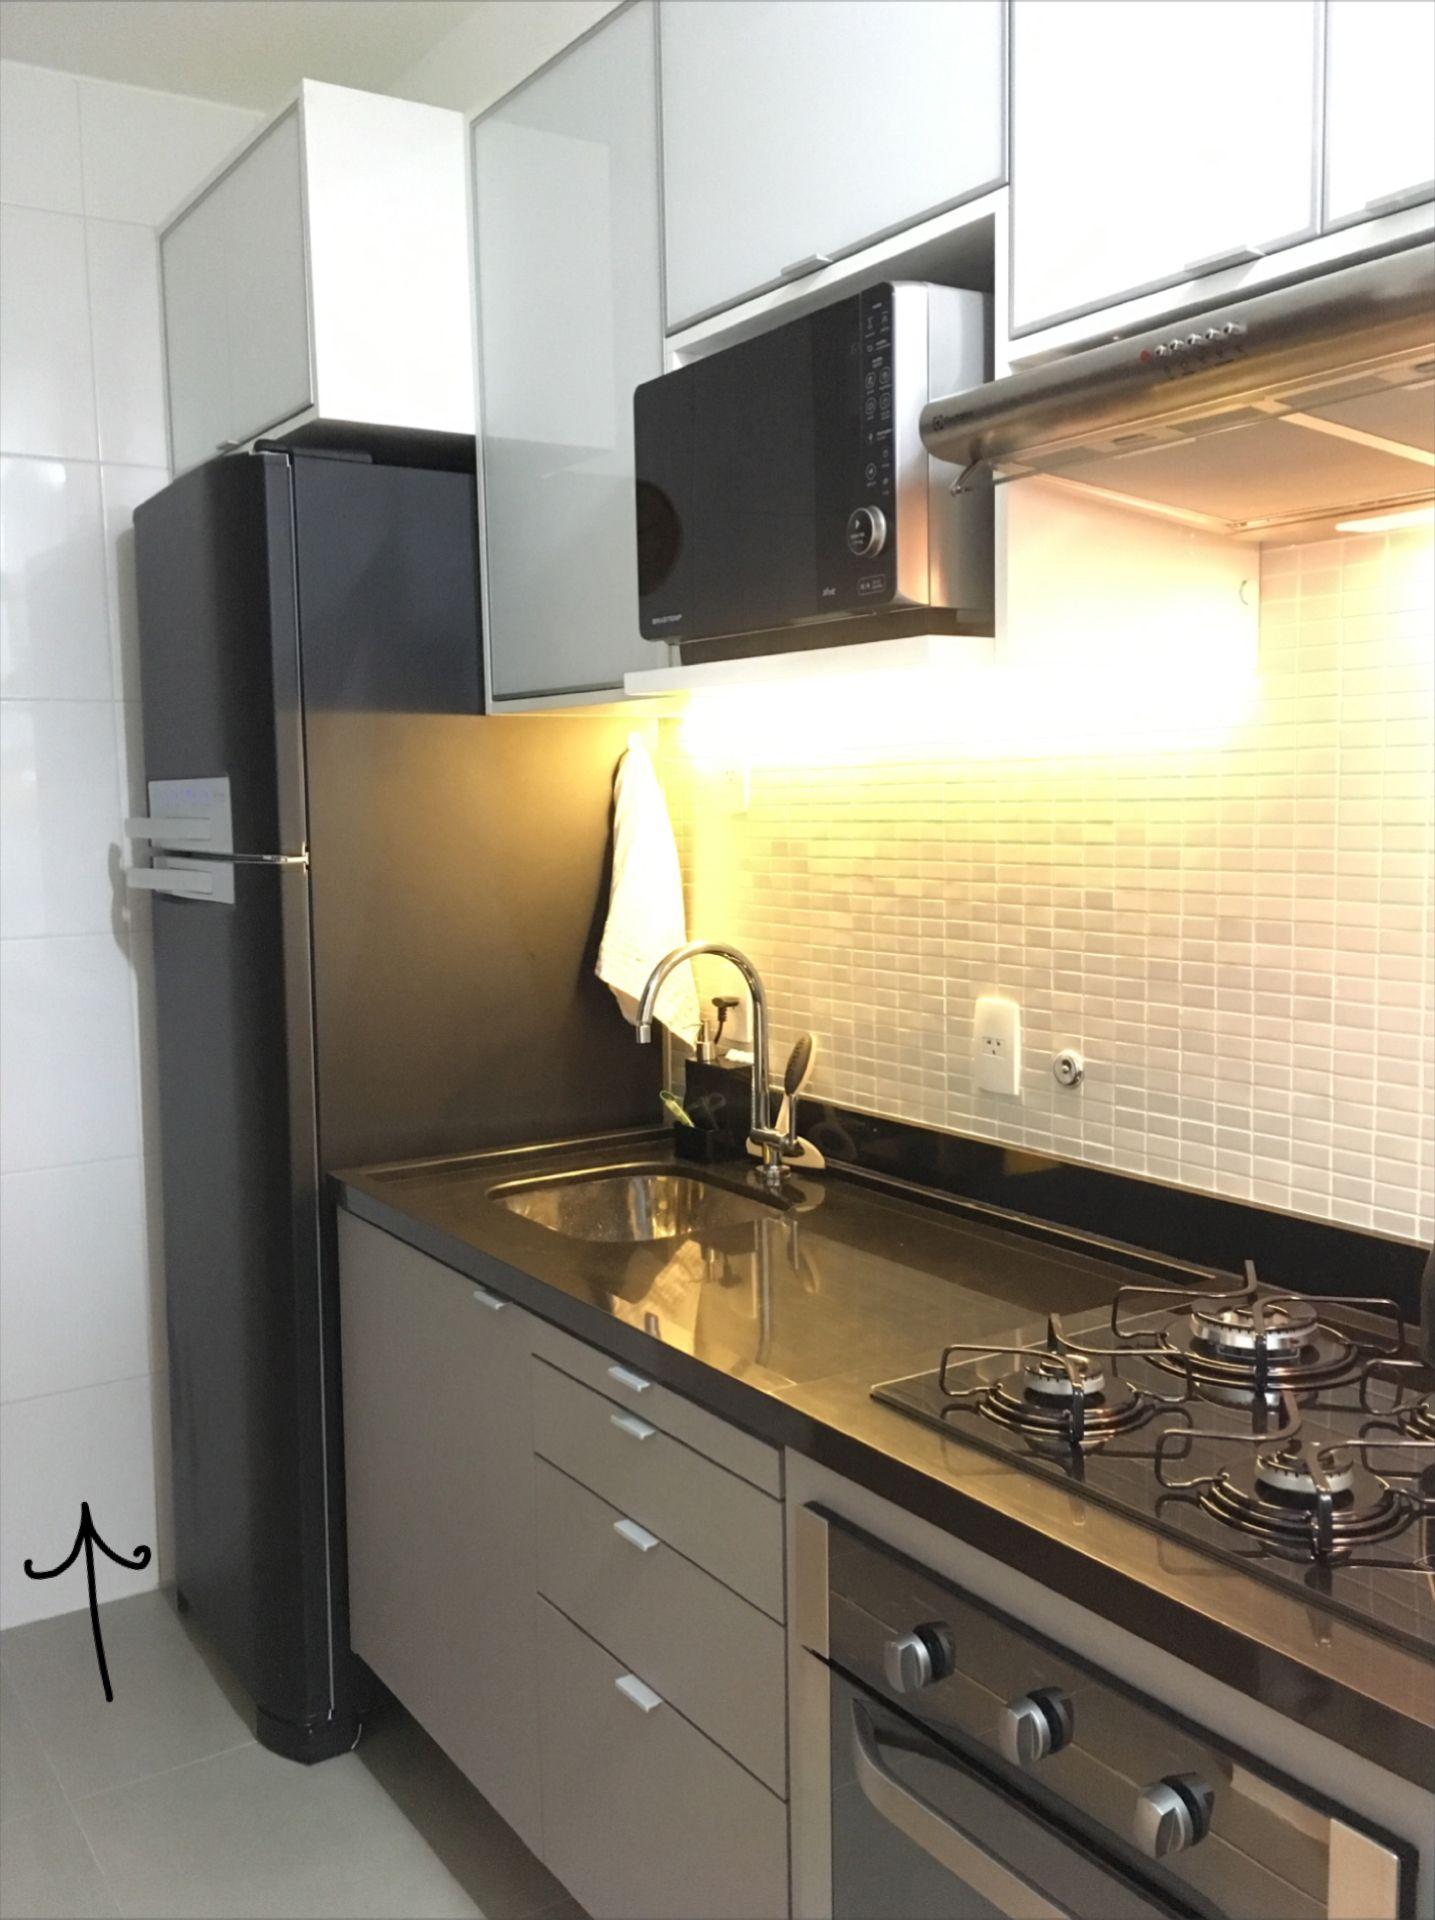 Cozinha Pequena E Integrada Com A Sala Marcenaria Cinza E Branca  ~ Sala E Cozinha Juntos Pequena